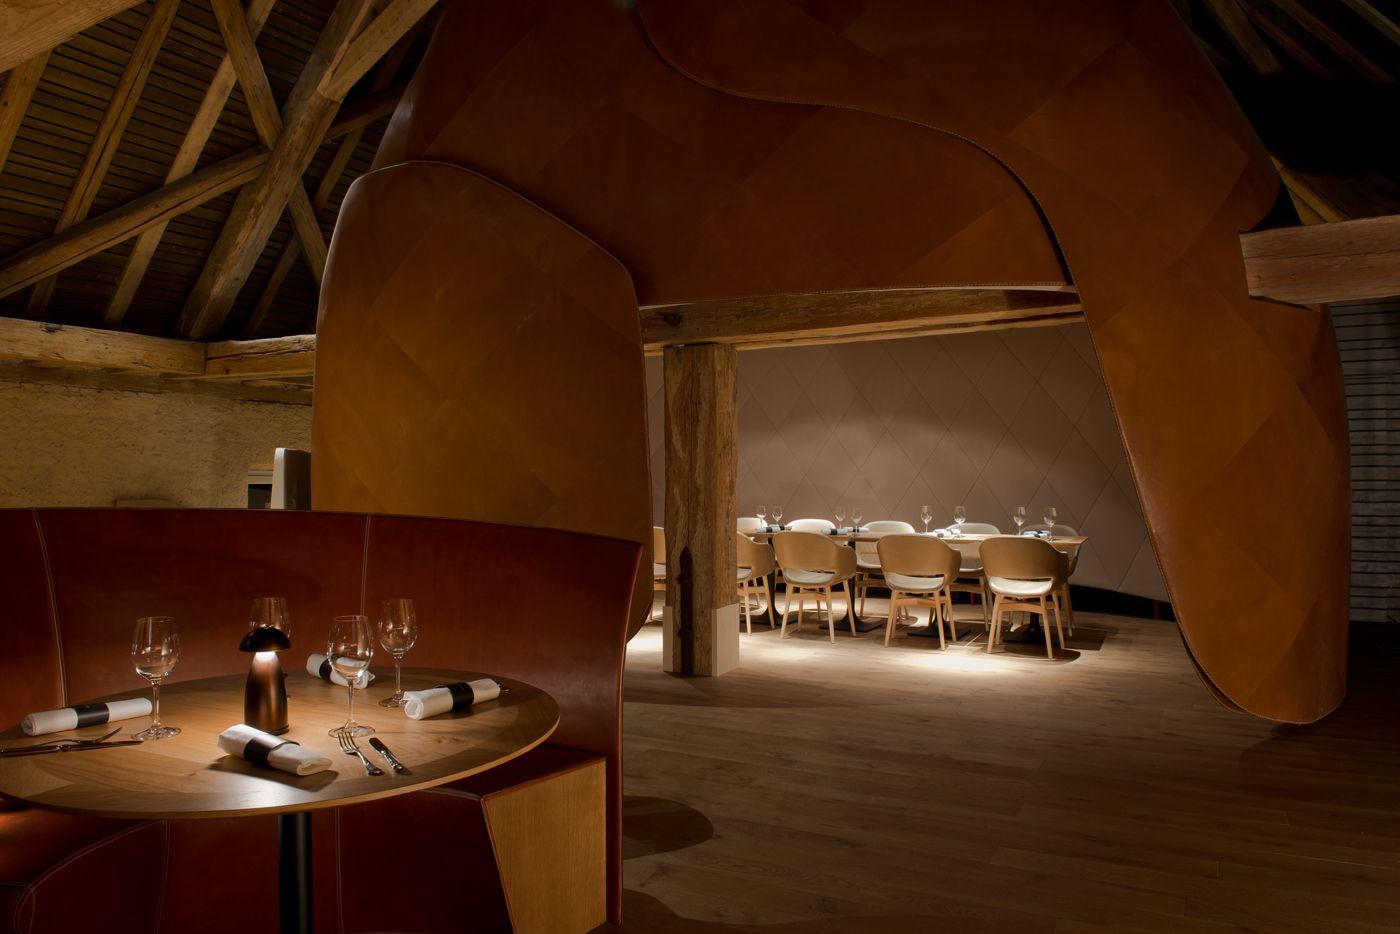 Brasserie Les Haras 04